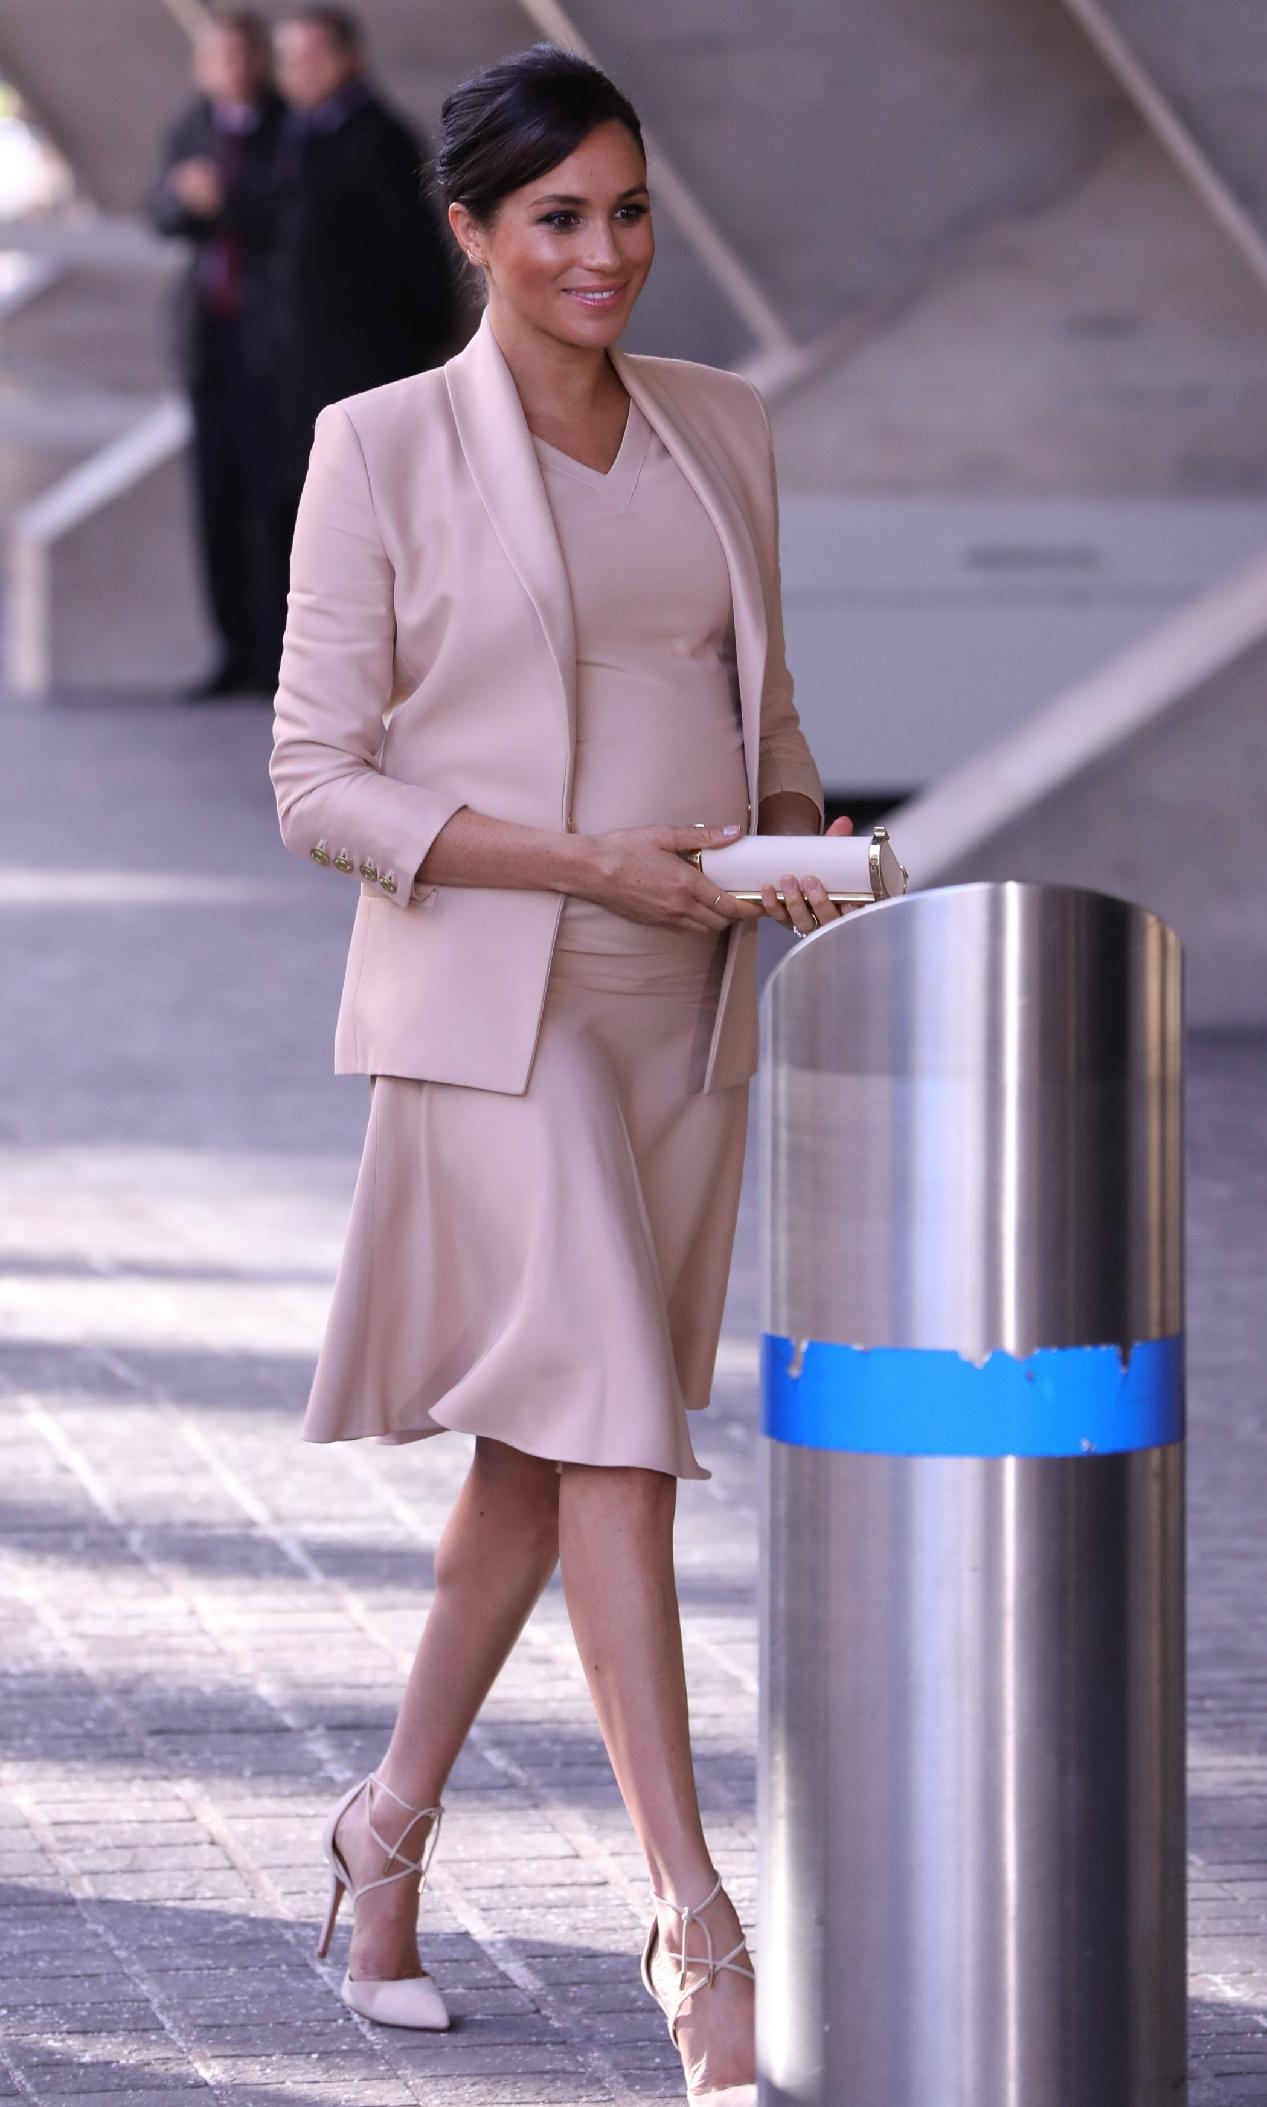 原創             梅根王妃終於換對氣質髮型,首選v領傘裙甜美高級,踩綁帶鞋更美 形象穿搭 第4張